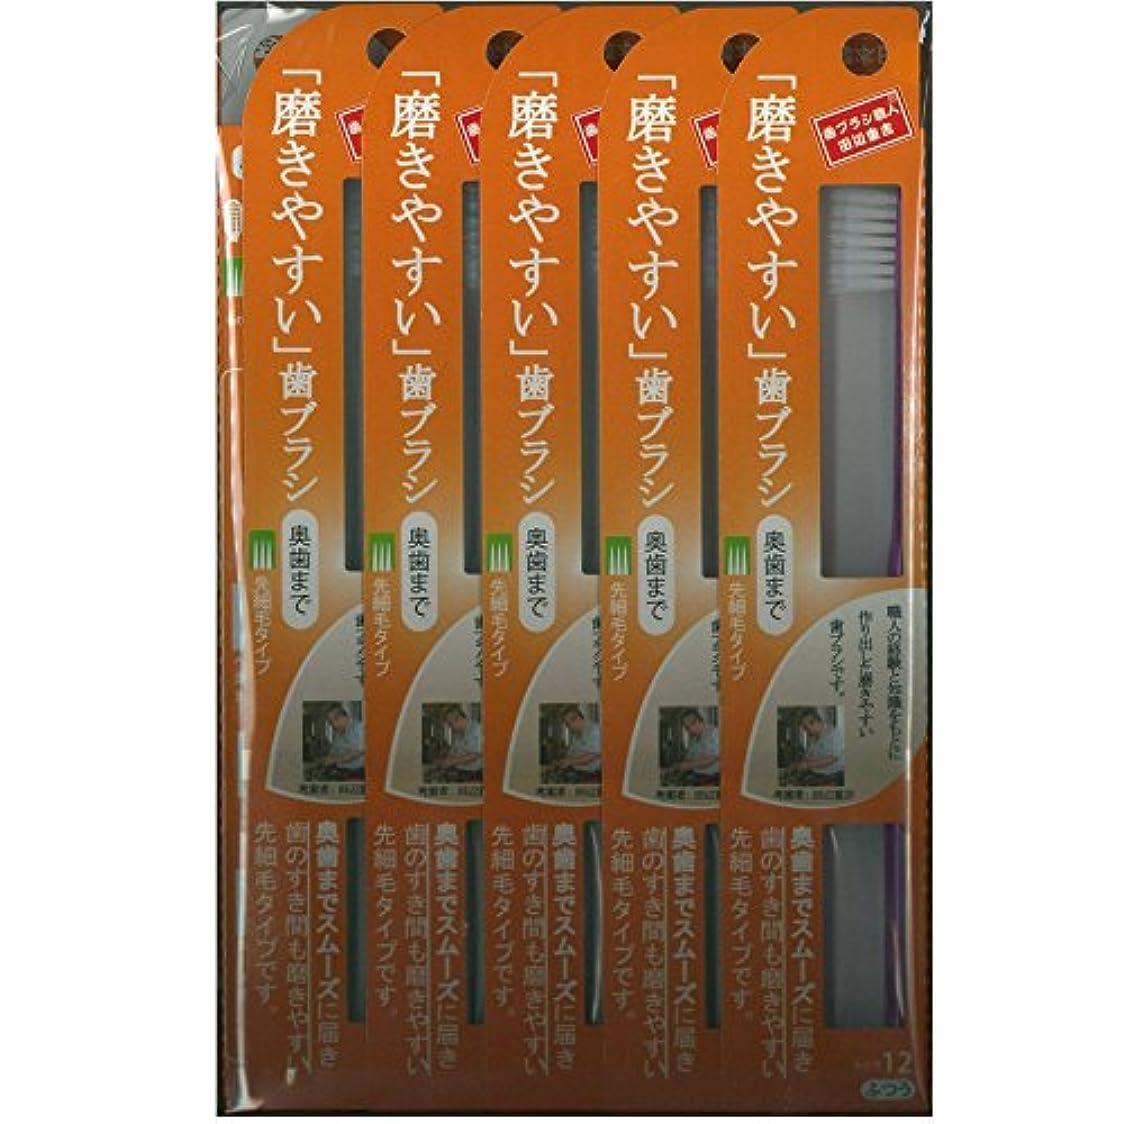 面積シアー動かす磨きやすい歯ブラシ(奥歯まで)先細 LT-12×12本セット( ピンク×4本、ブルー×4本、グリーン×2本、パープル×2本)